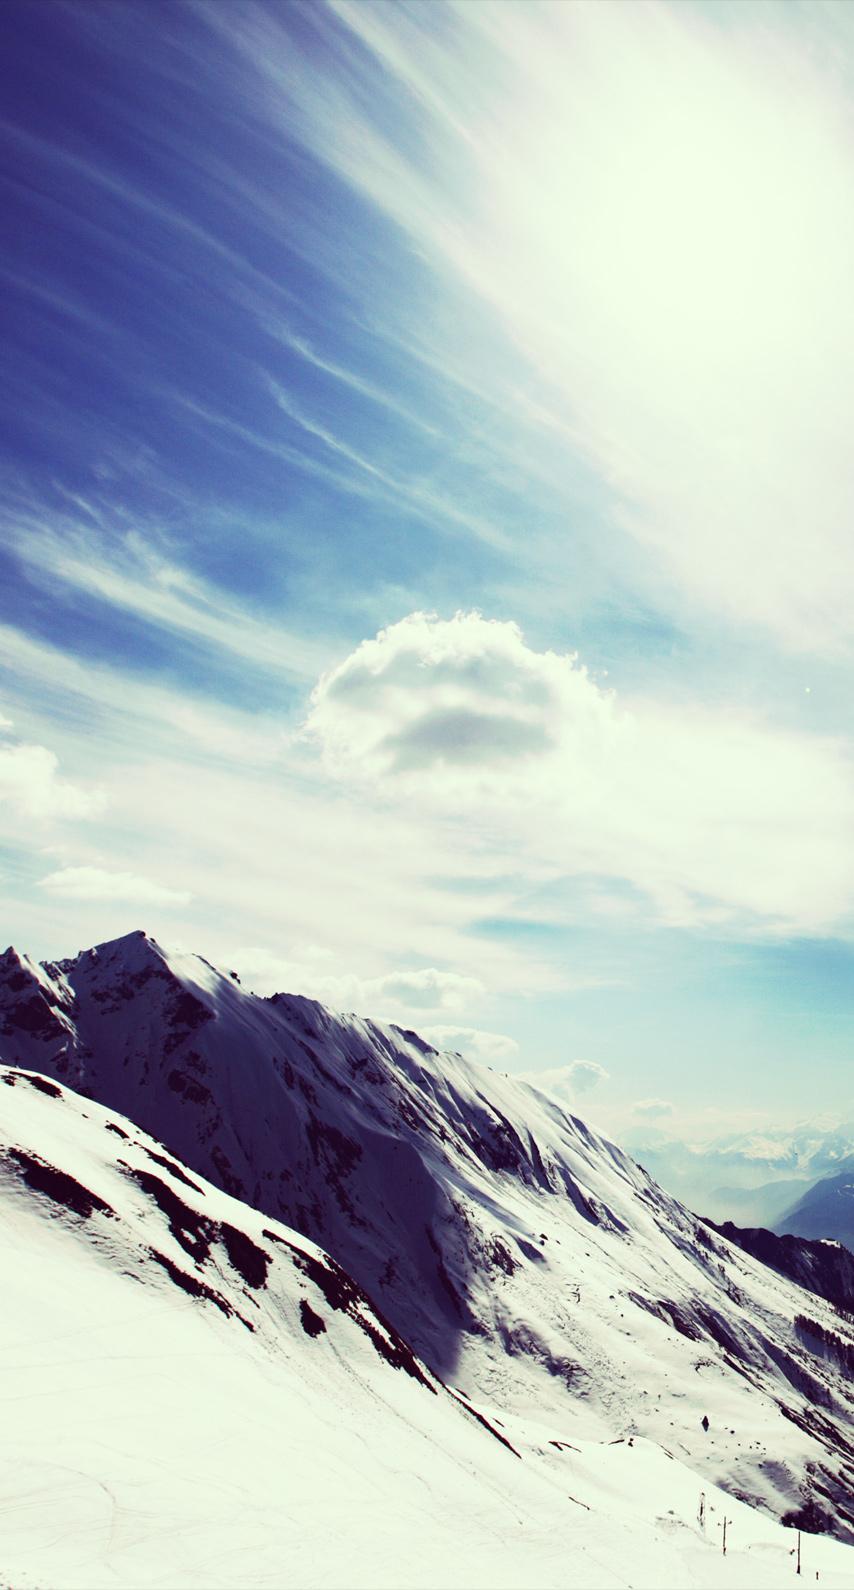 ice, mountain